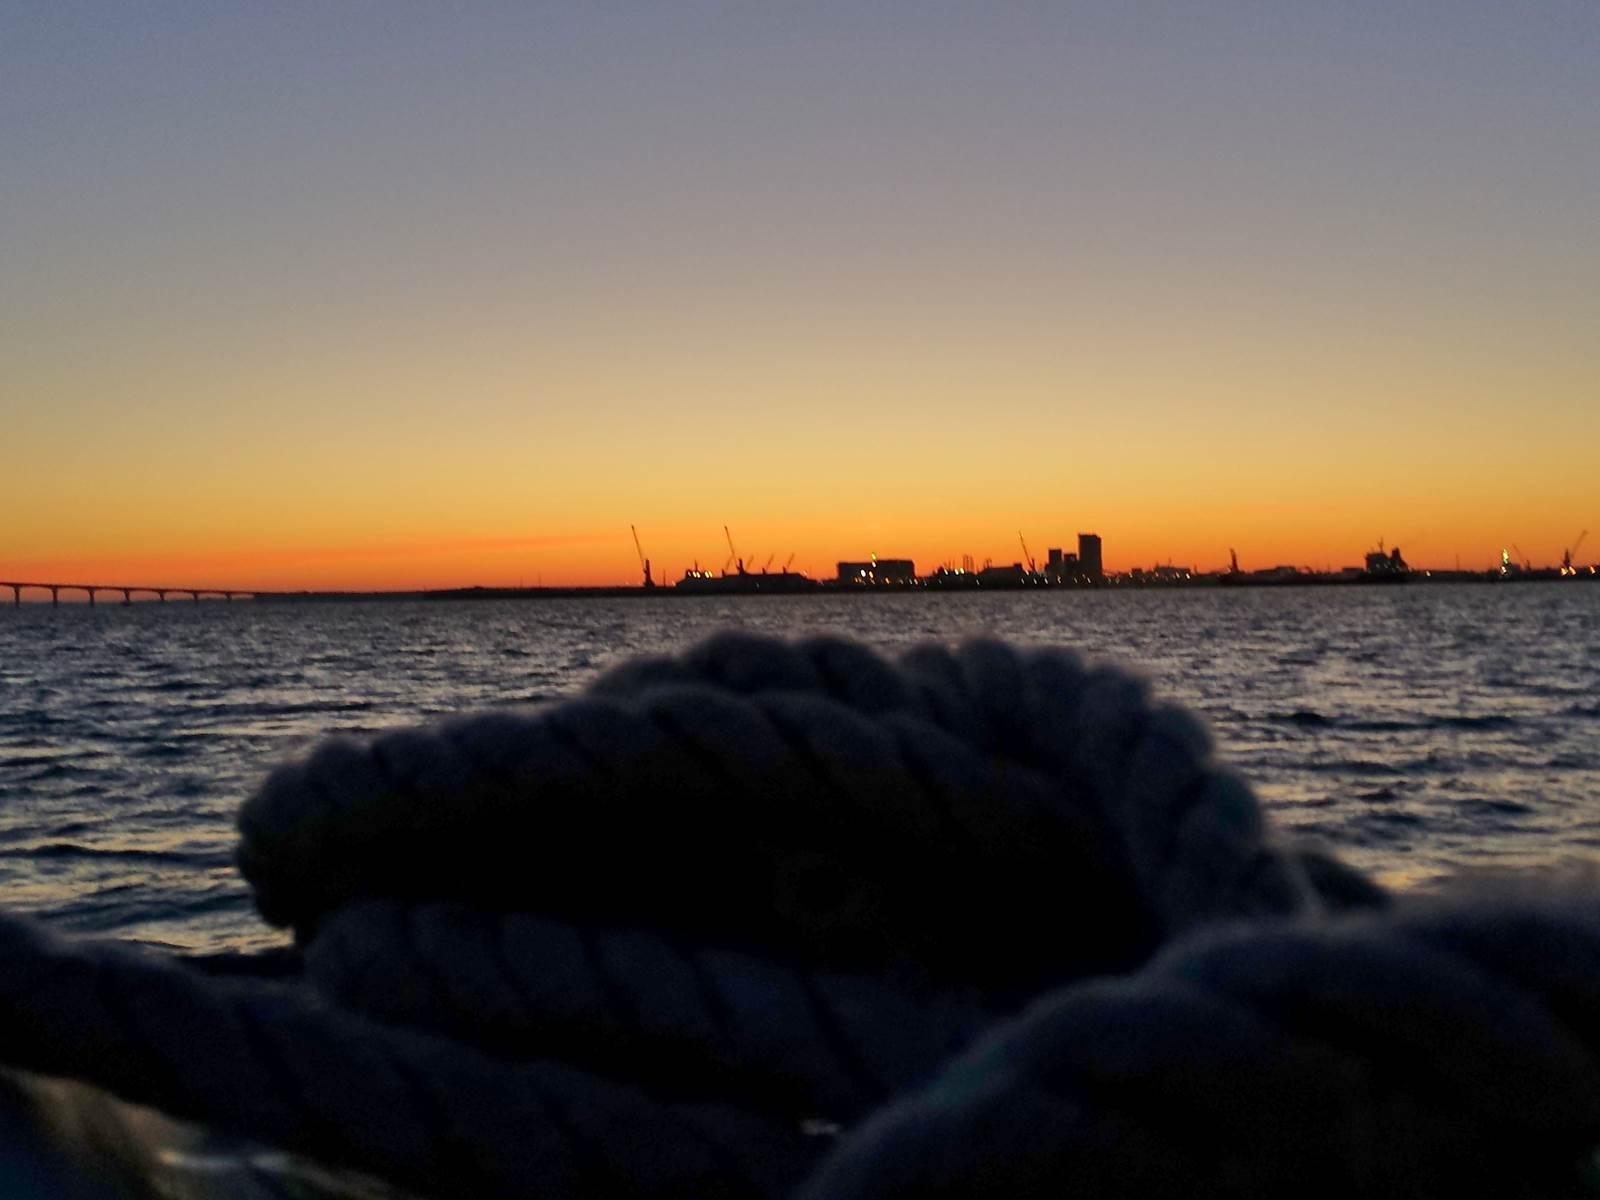 premières lumières du jour vue du voilier au mouillage